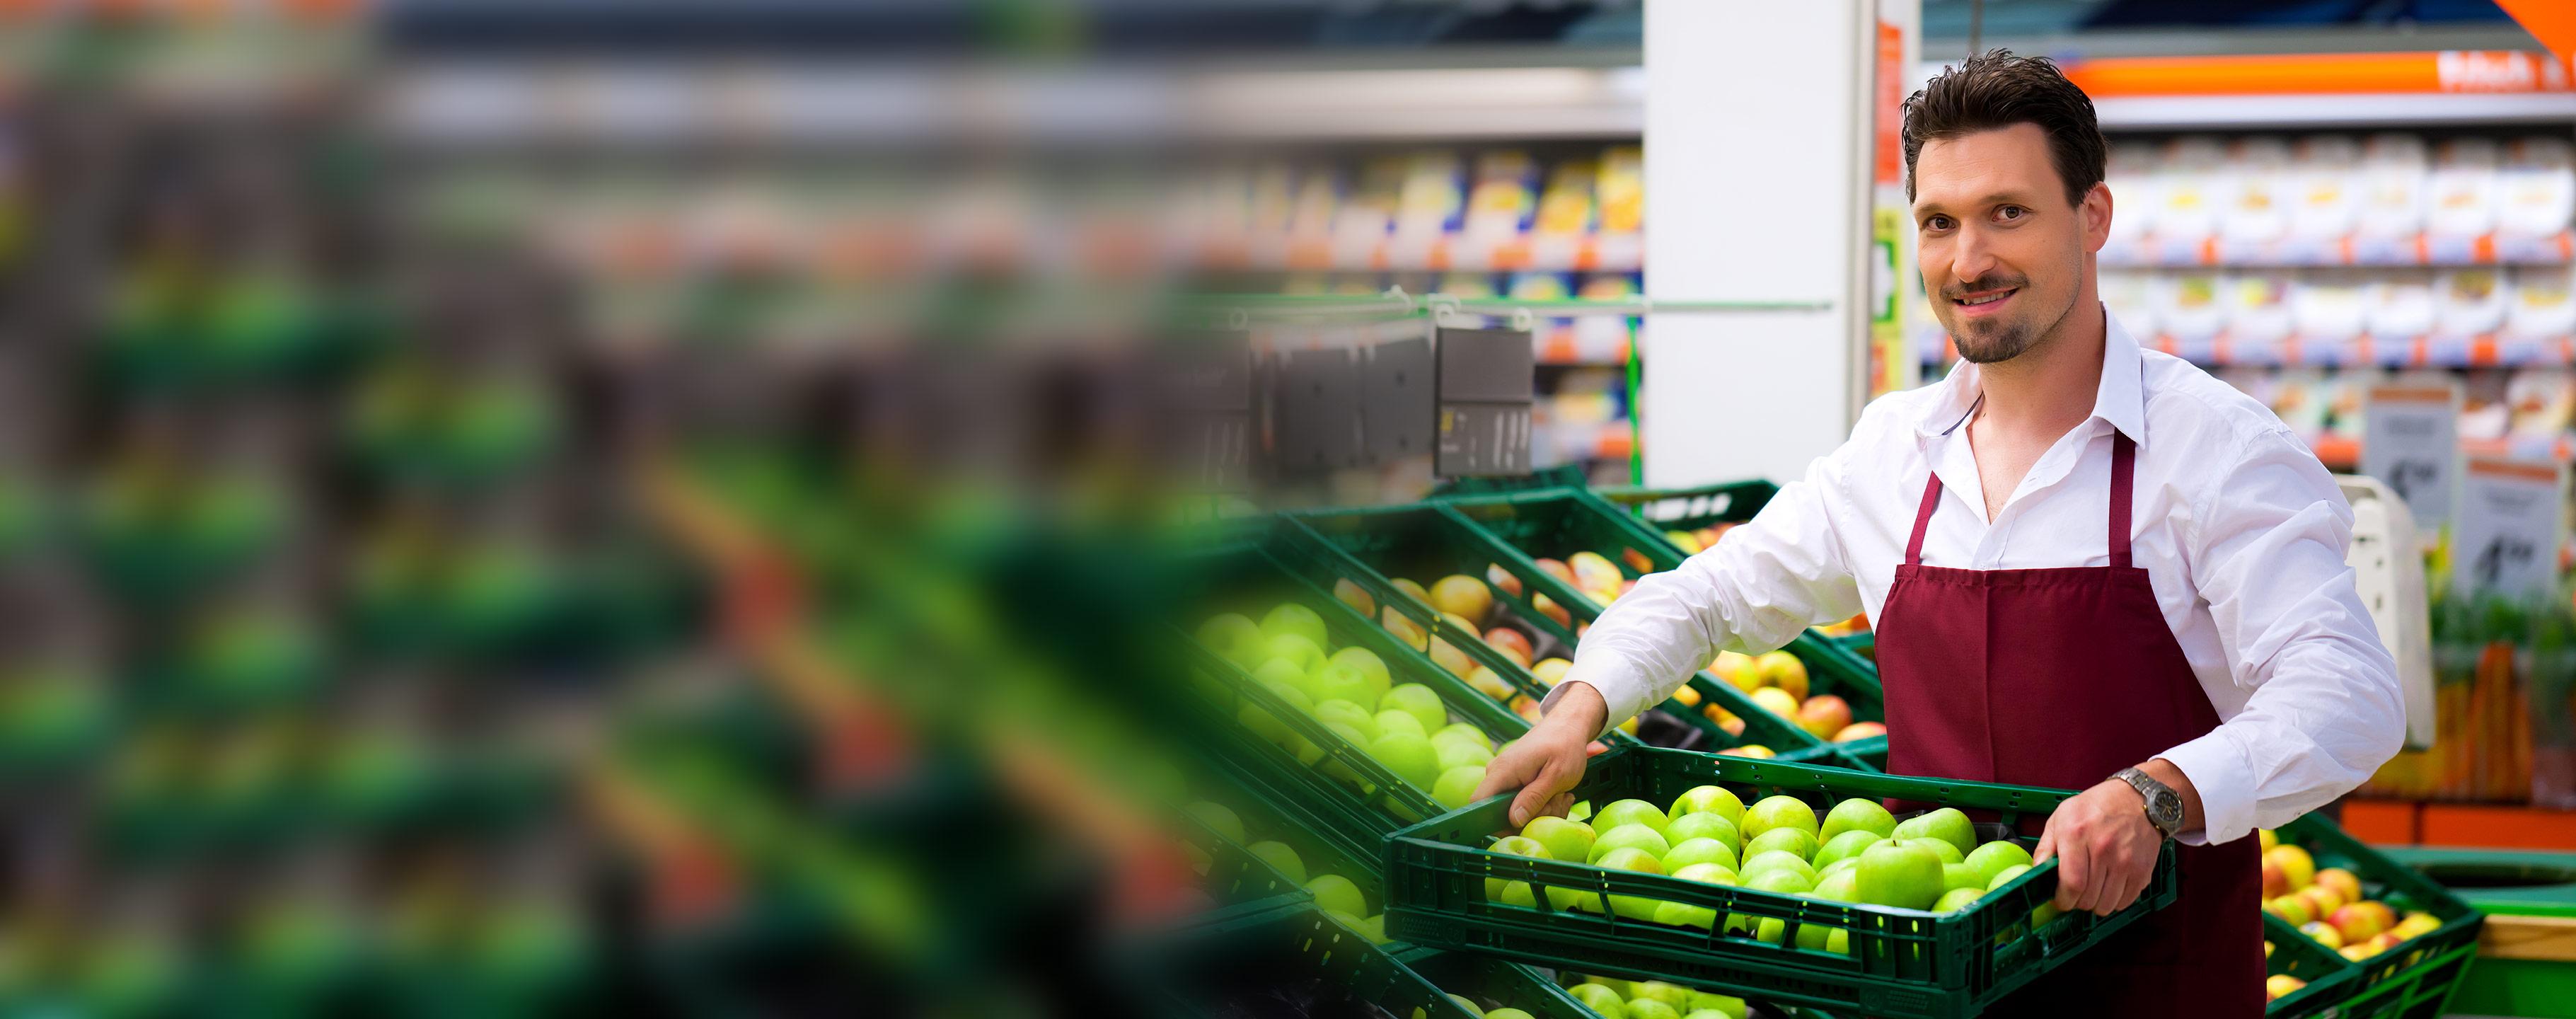 Verkäufer Supermarkt